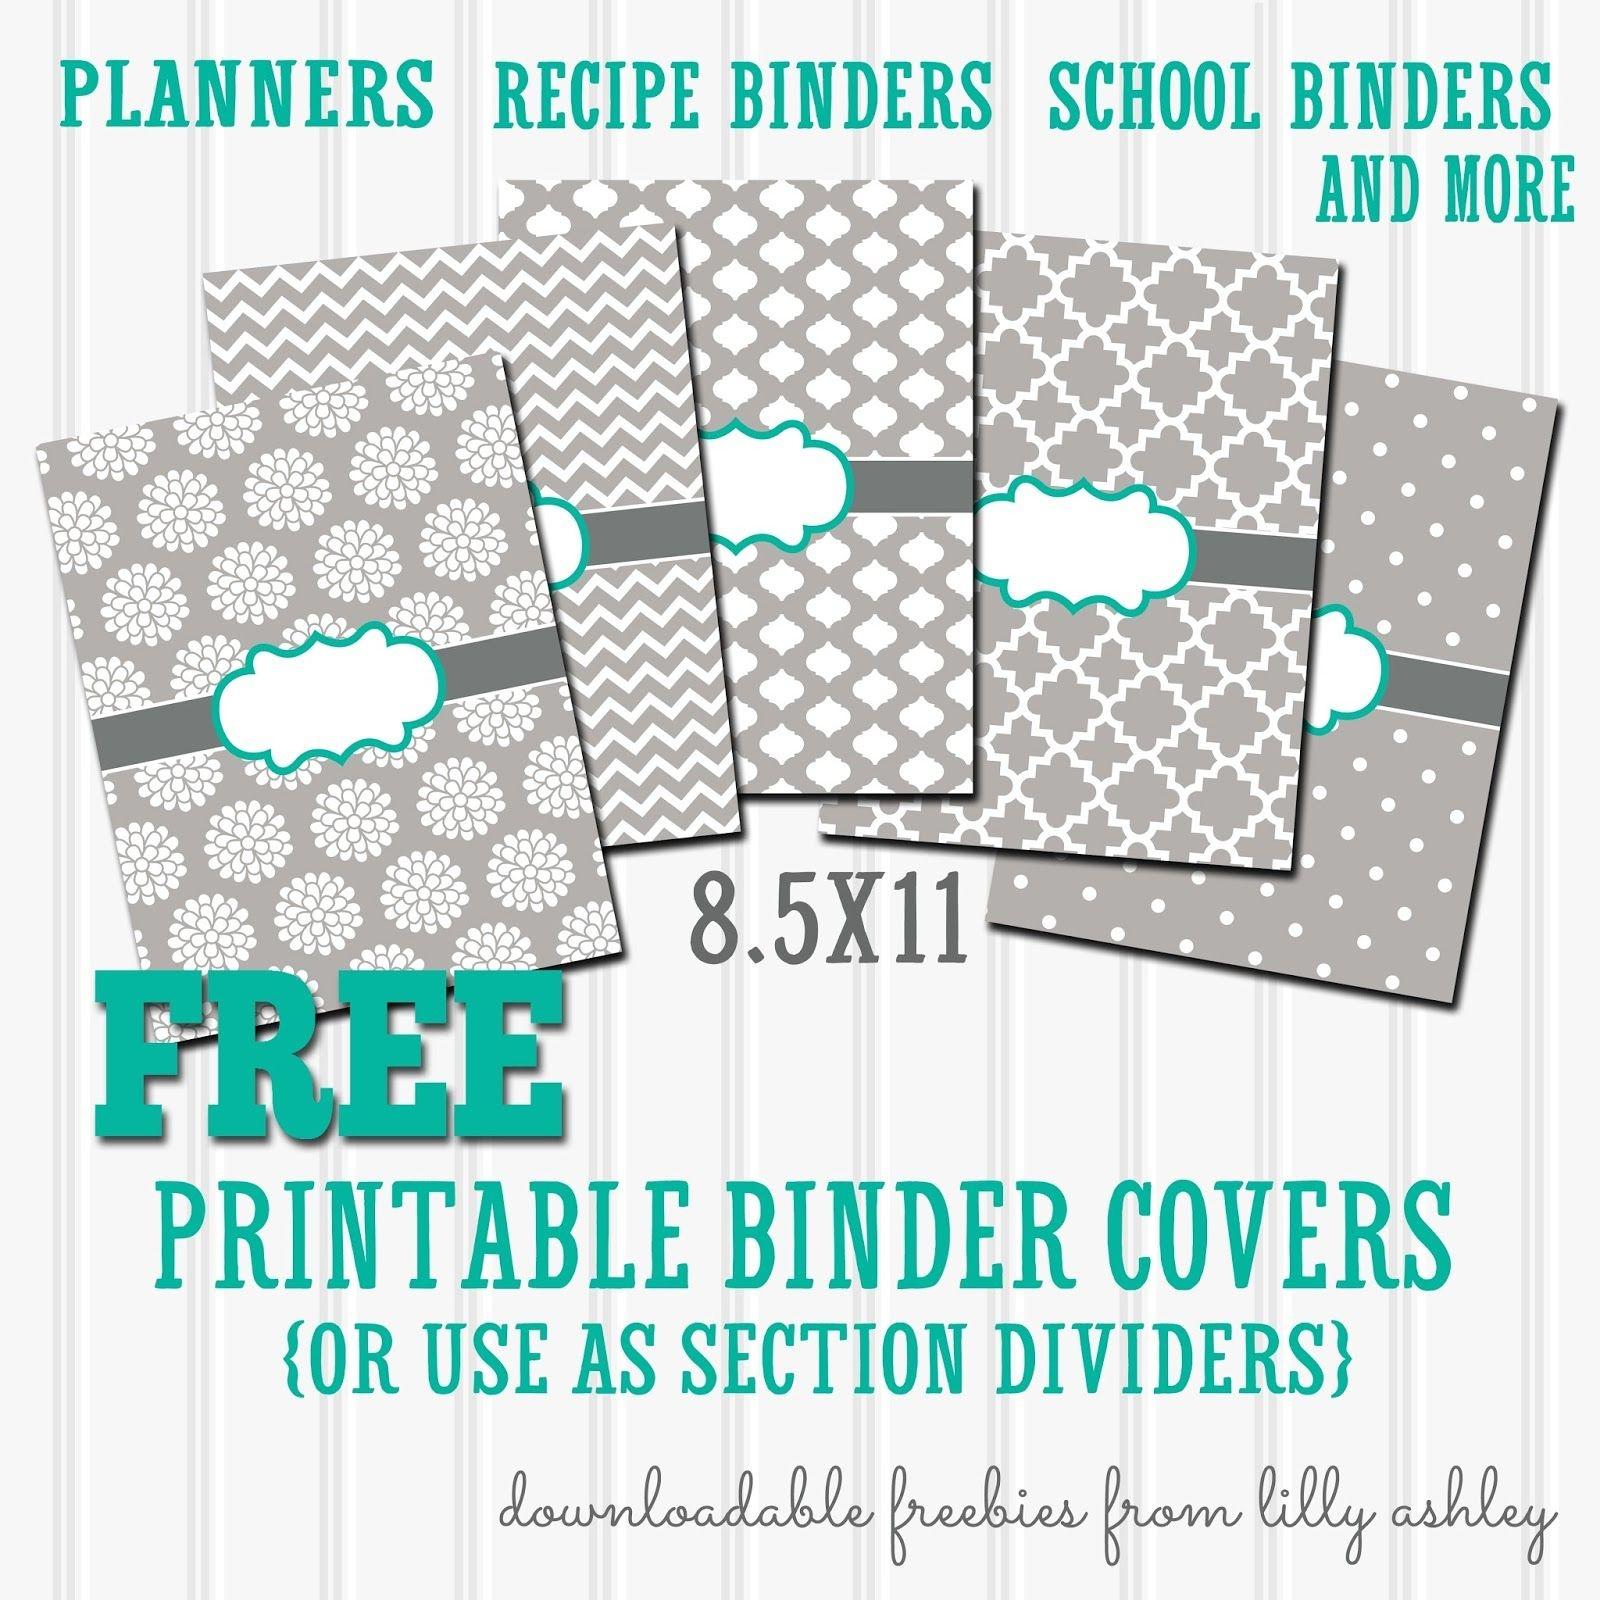 Free Binder Covers Printable Set   Preschool   Teacher Binder Covers - Free Printable Binder Covers And Spines